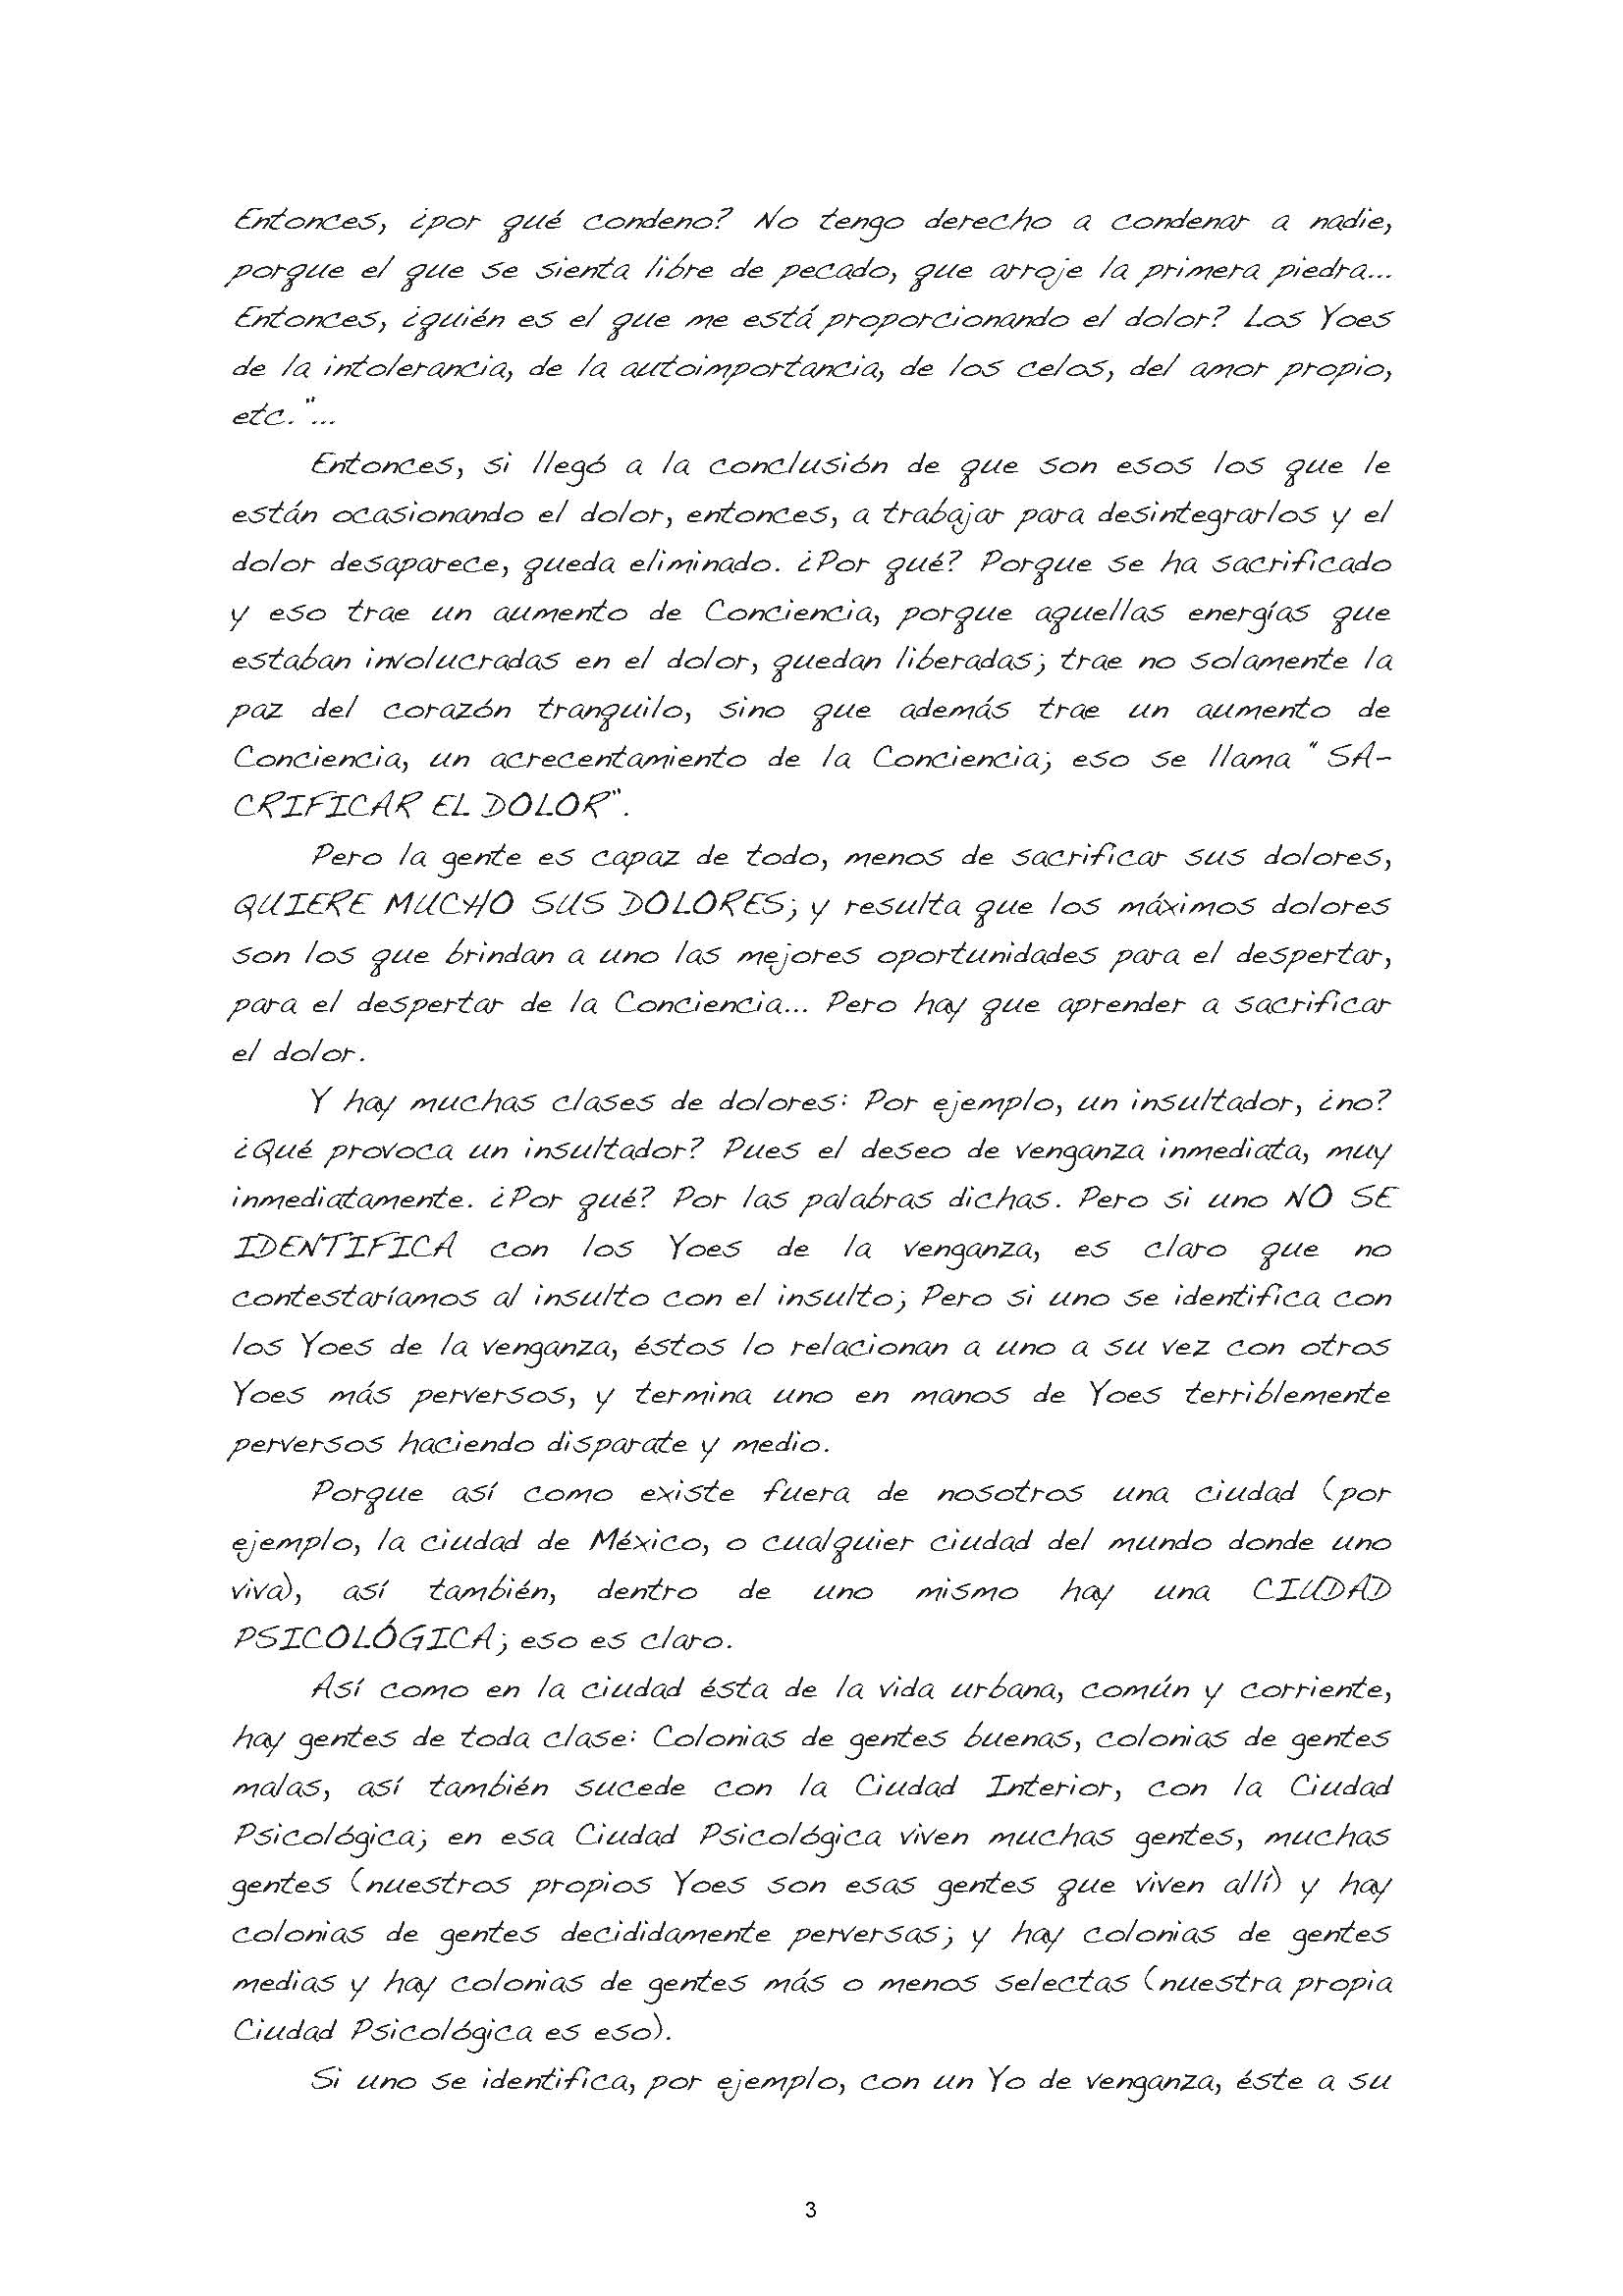 COMO SE SACRIFICA EL DOLOR_Página_03